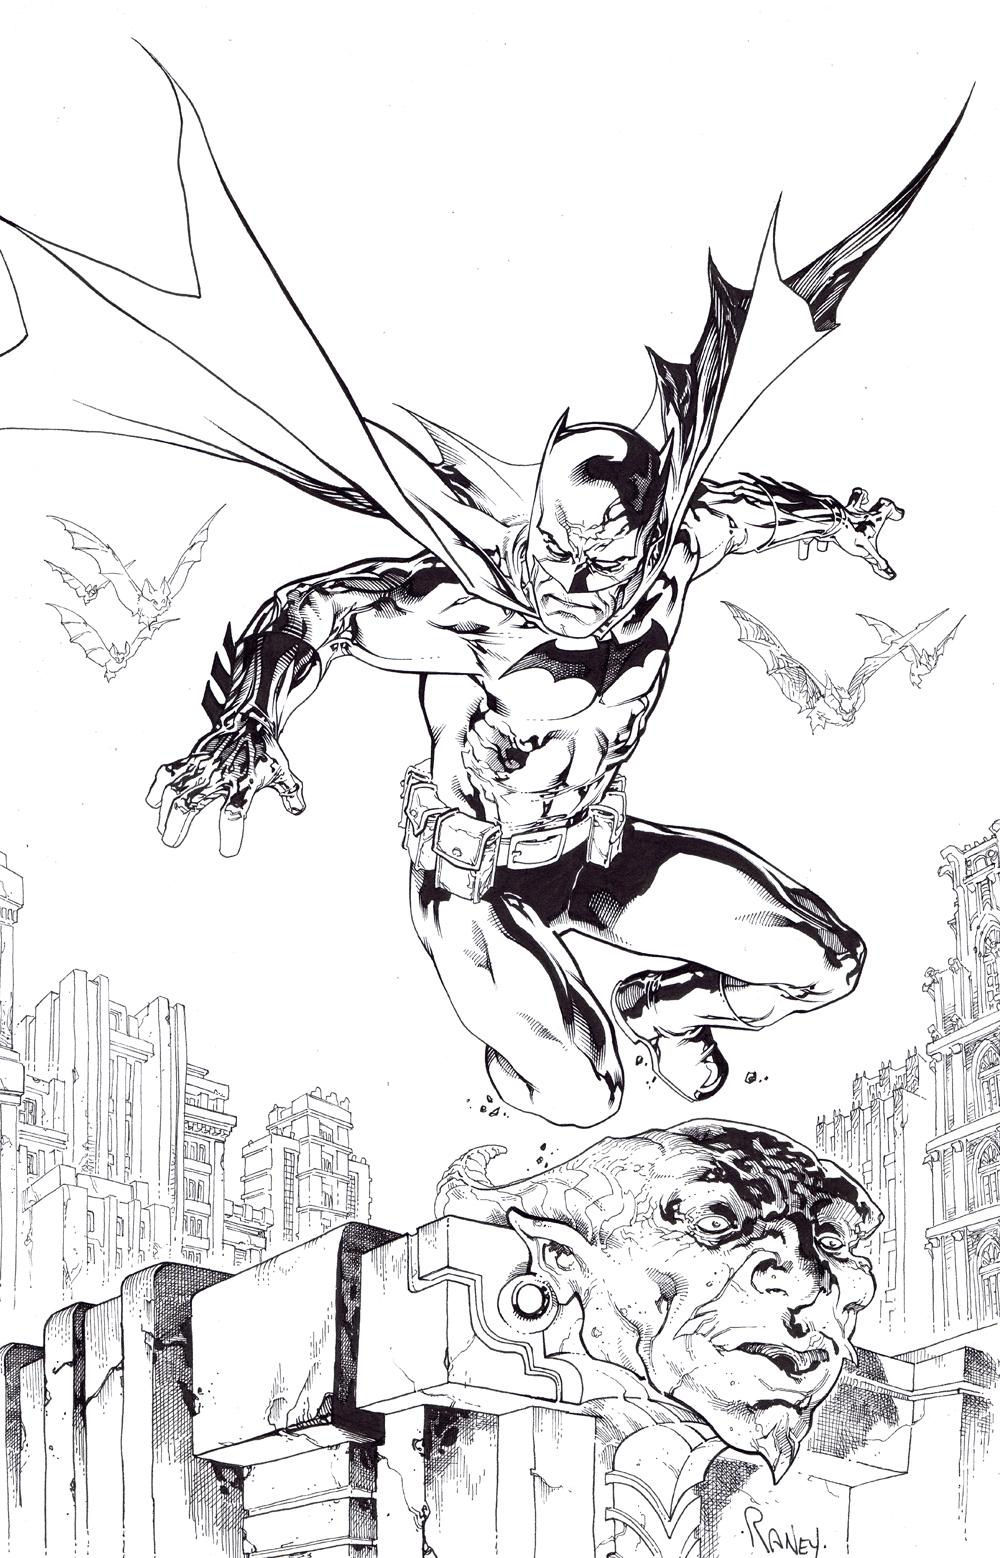 Batman by TomRaney